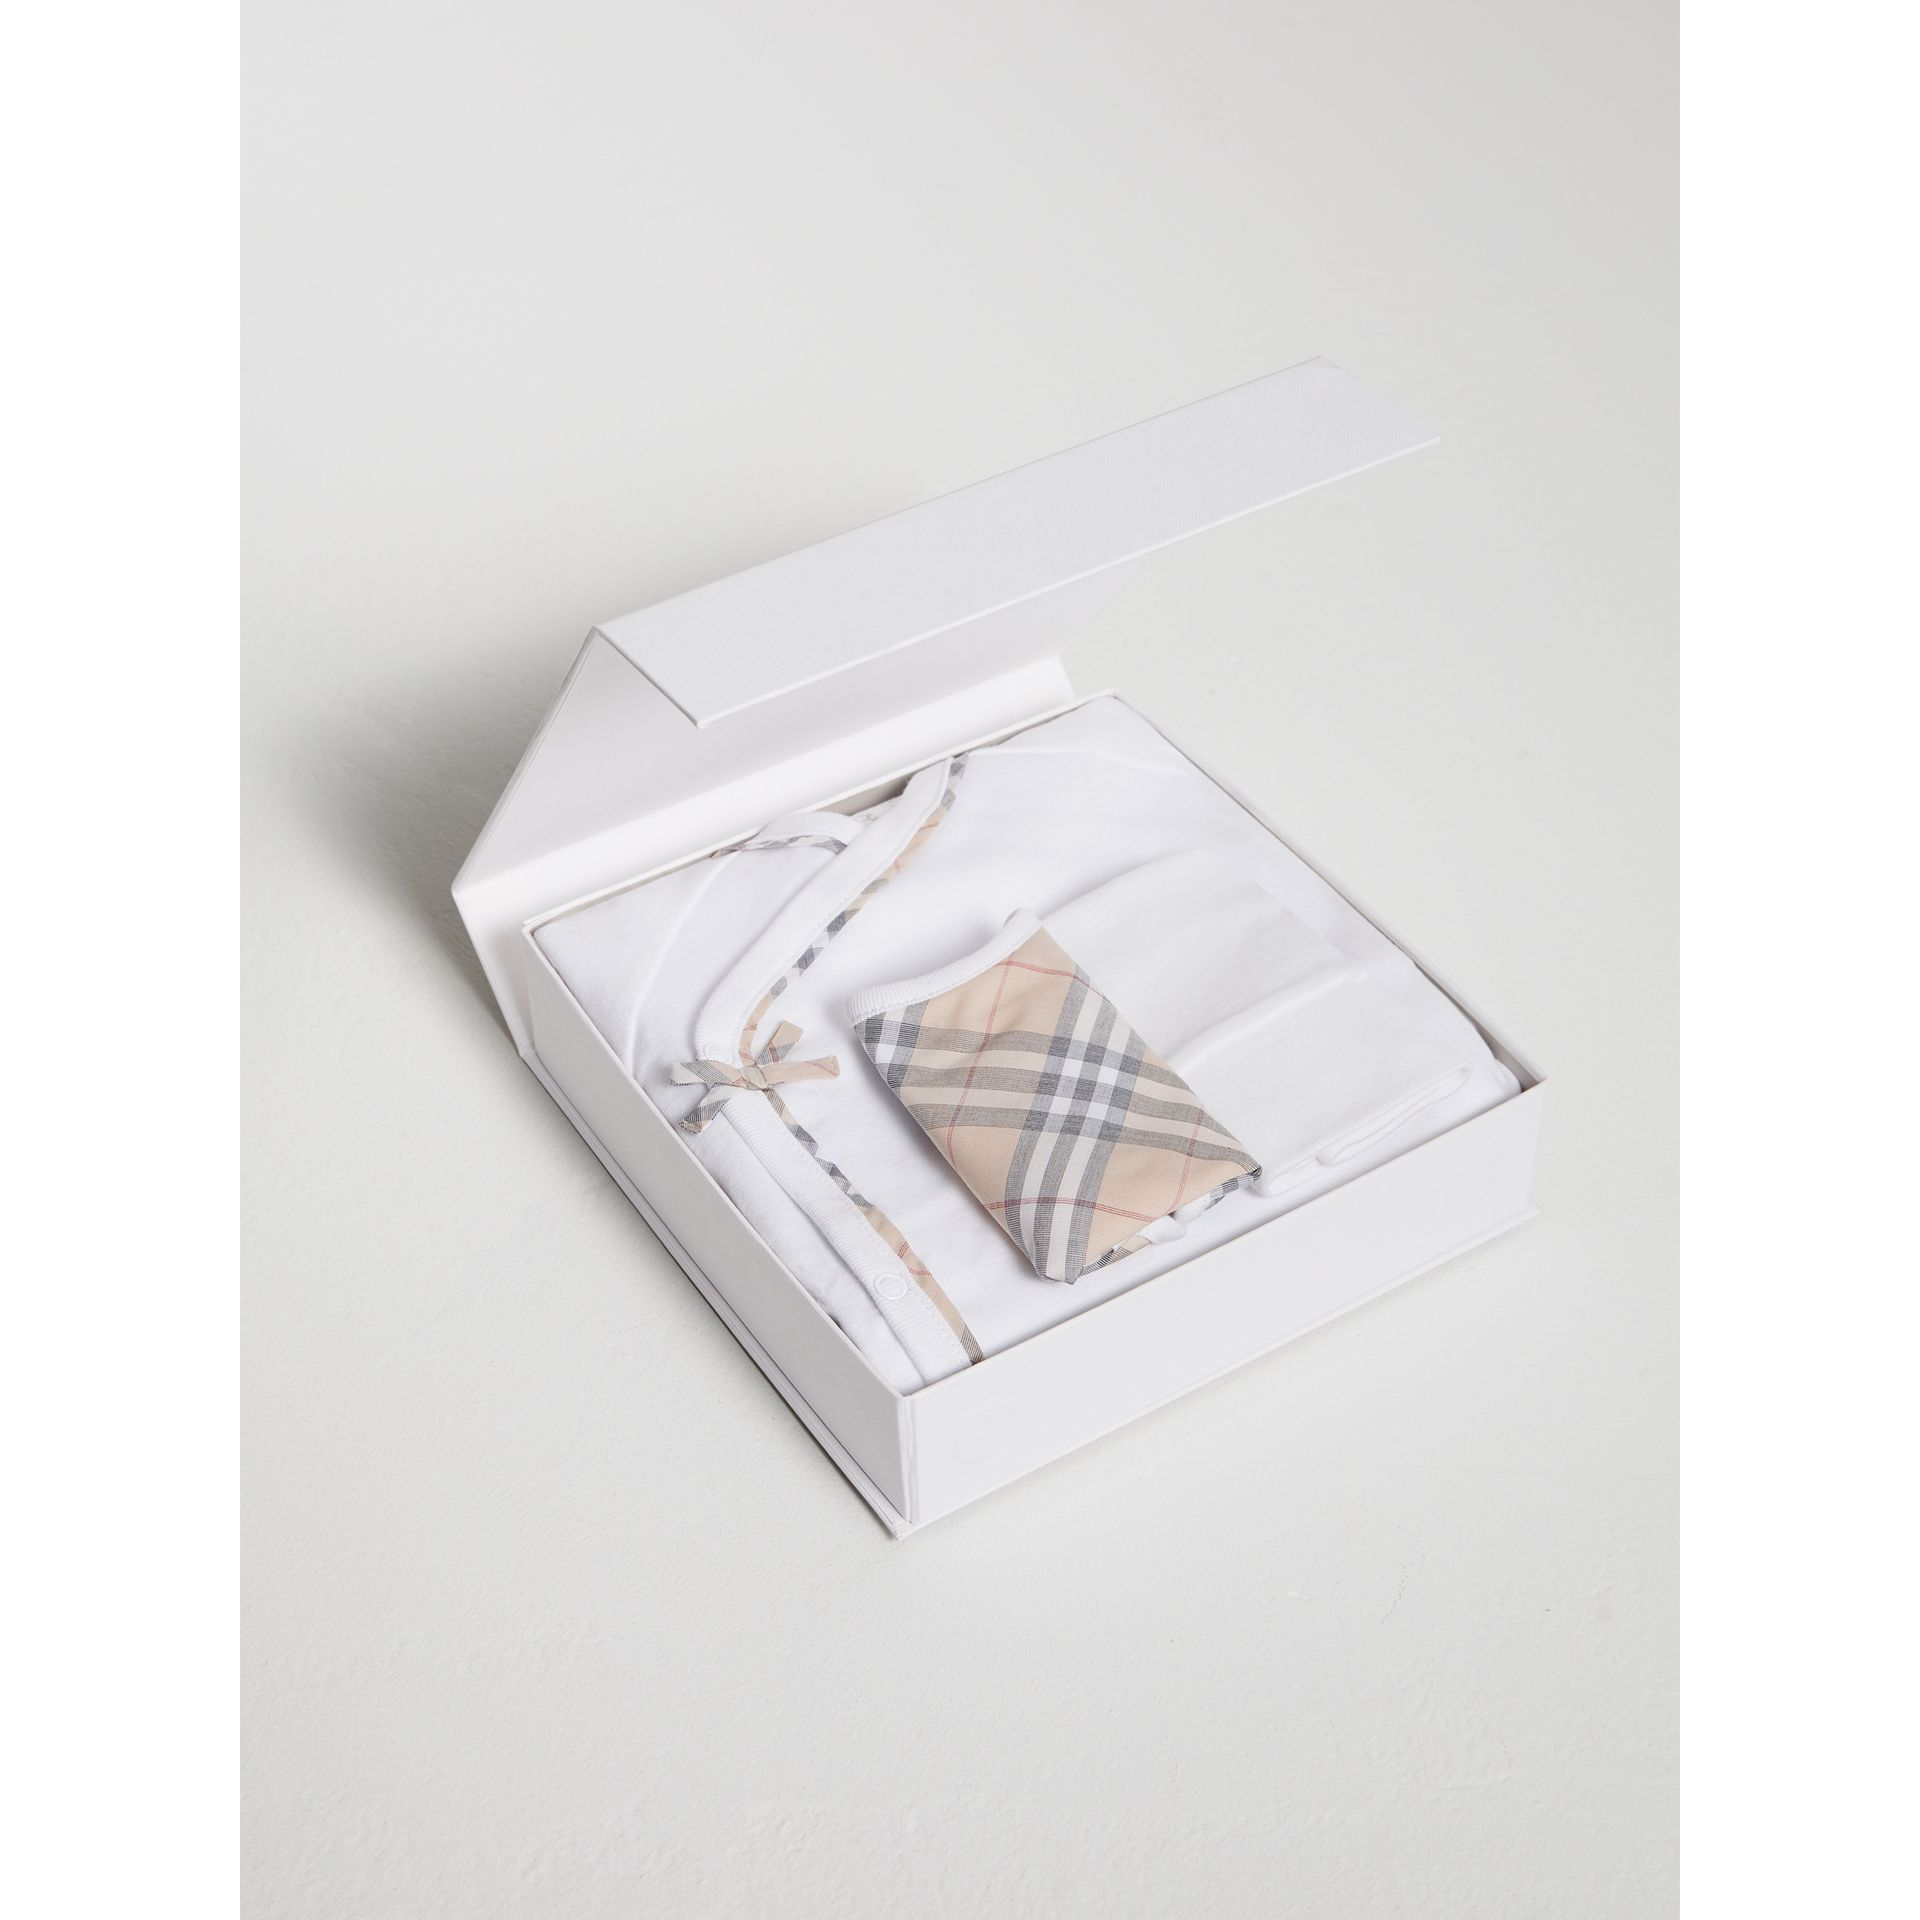 格紋棉質三件組嬰兒禮盒 (白色) | Burberry - 圖庫照片 2